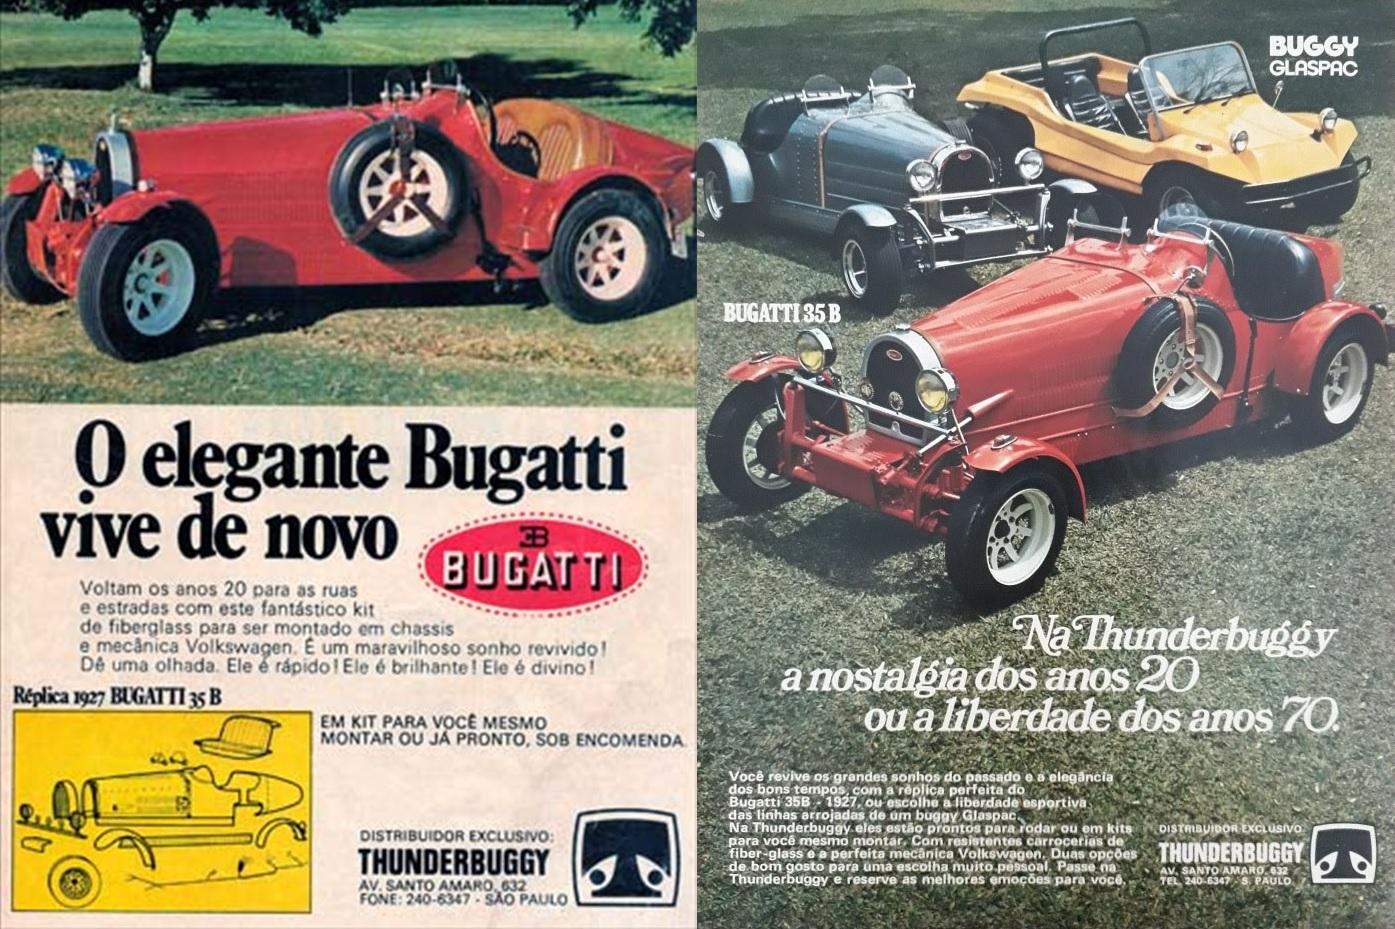 carros artesanais replicas thunderbuggy